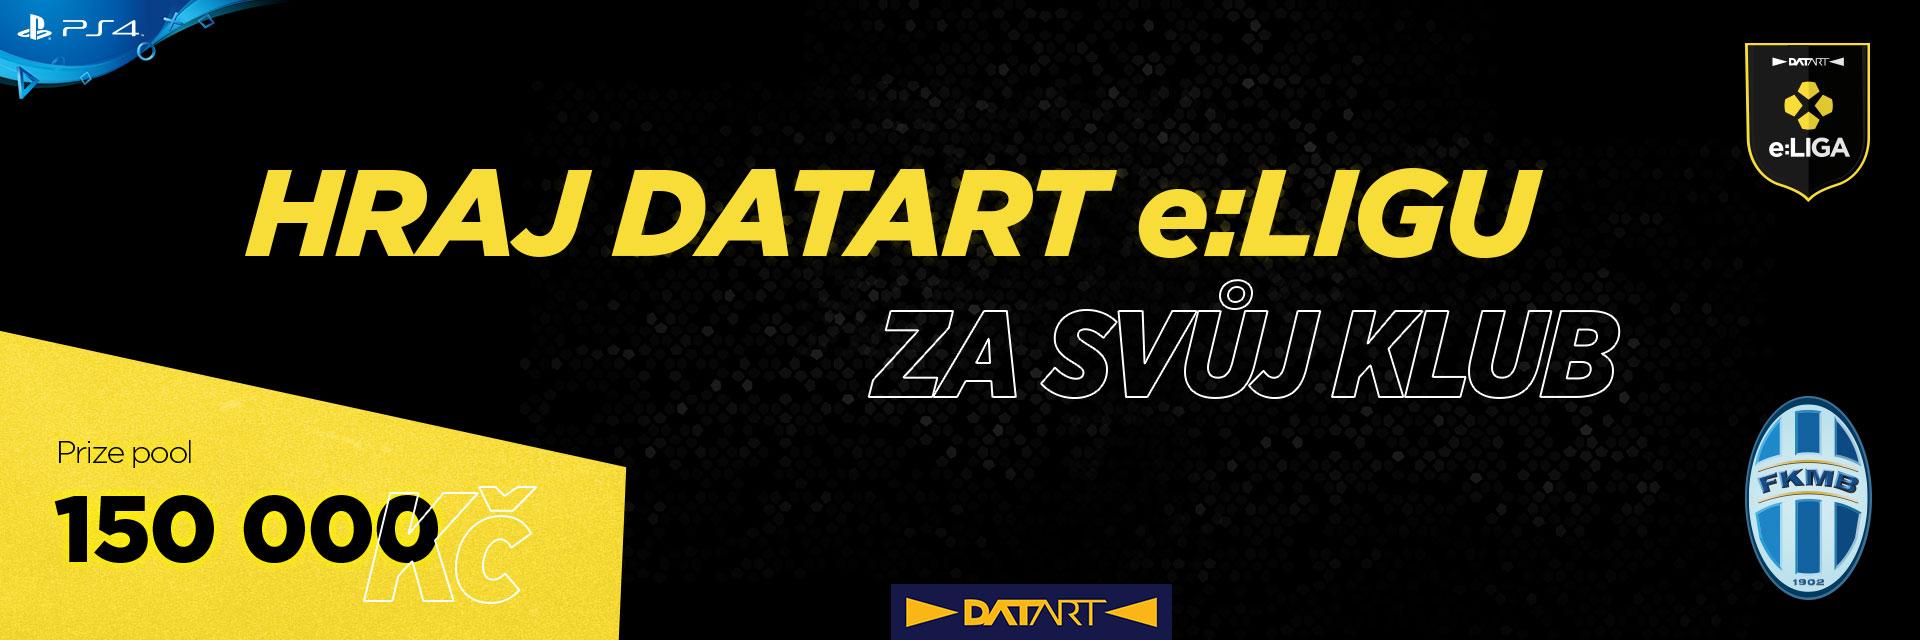 datart-e-liga-semifinale-fk-mlada-boleslav